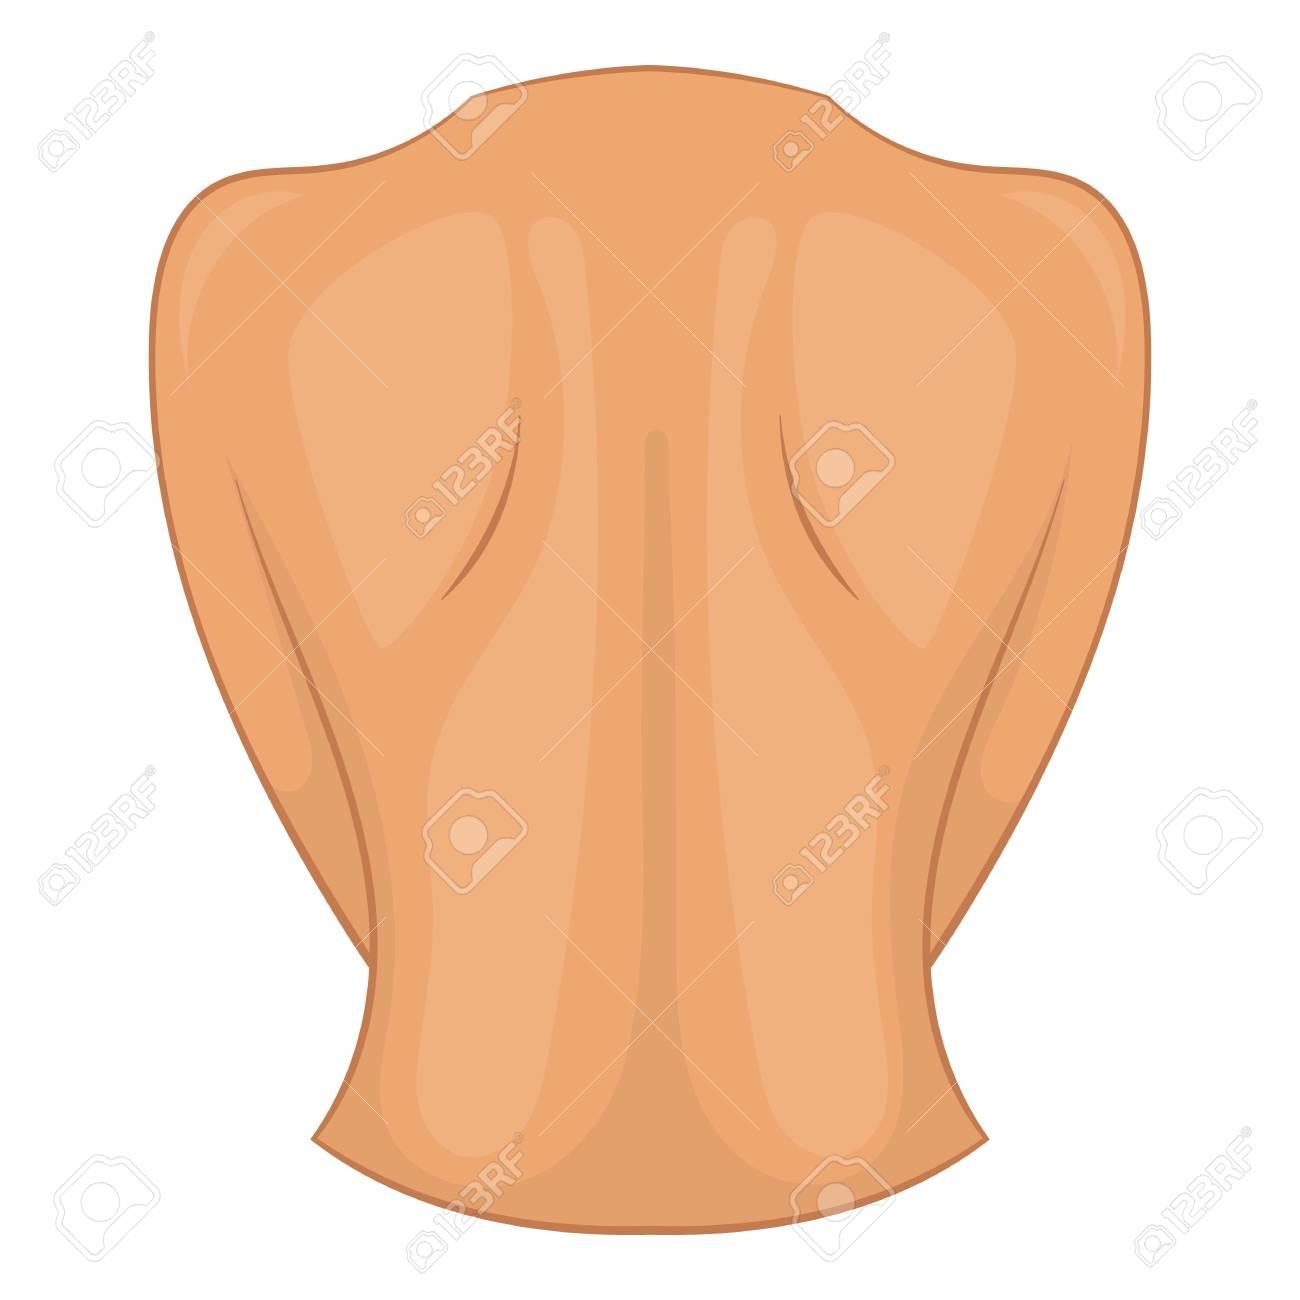 Icono De Espalda De Mujer Ilustración De Dibujos Animados De Icono